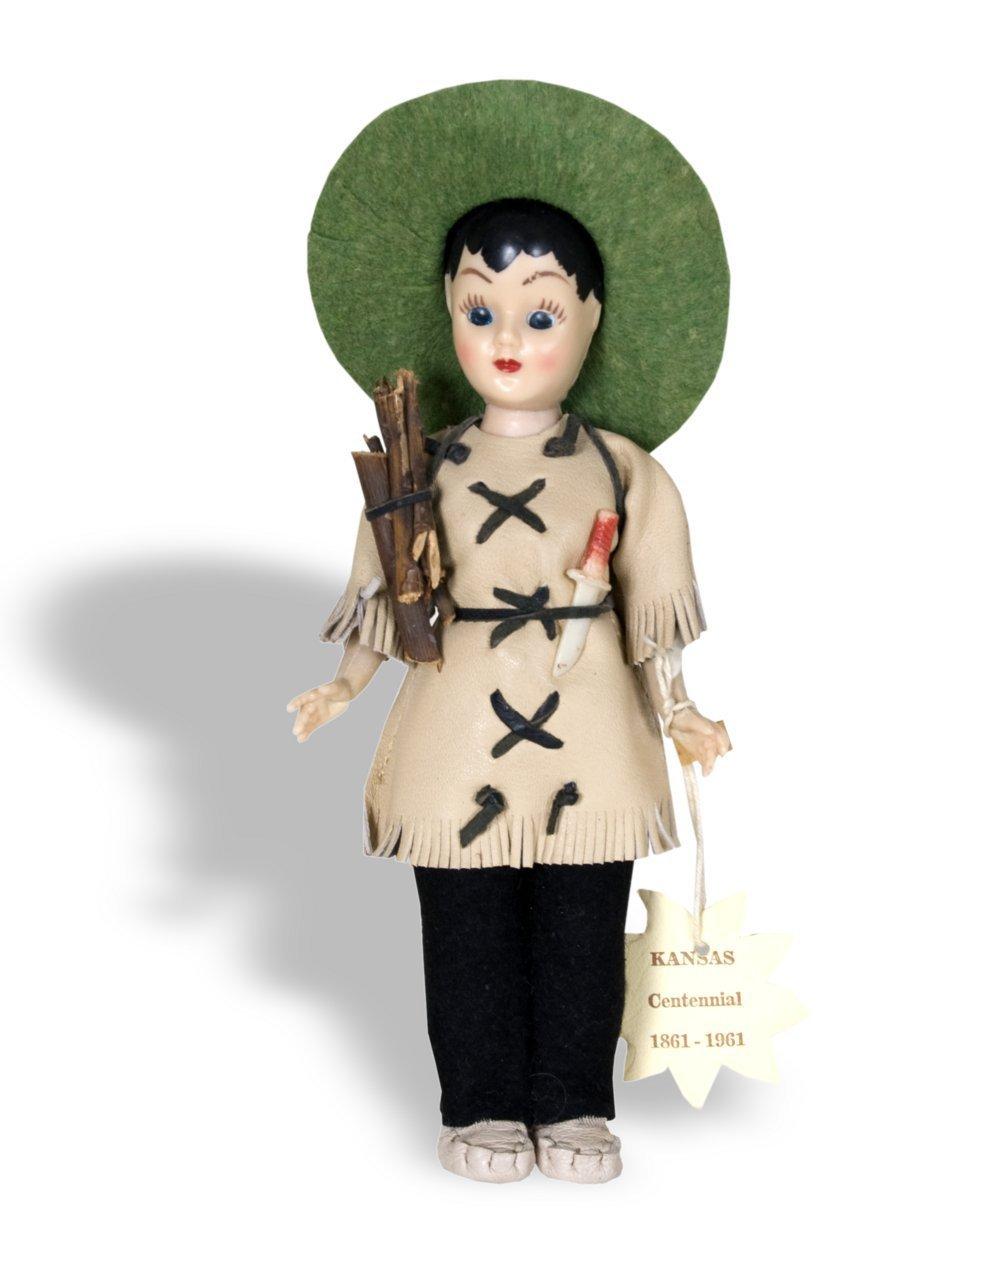 Kansas Centennial doll